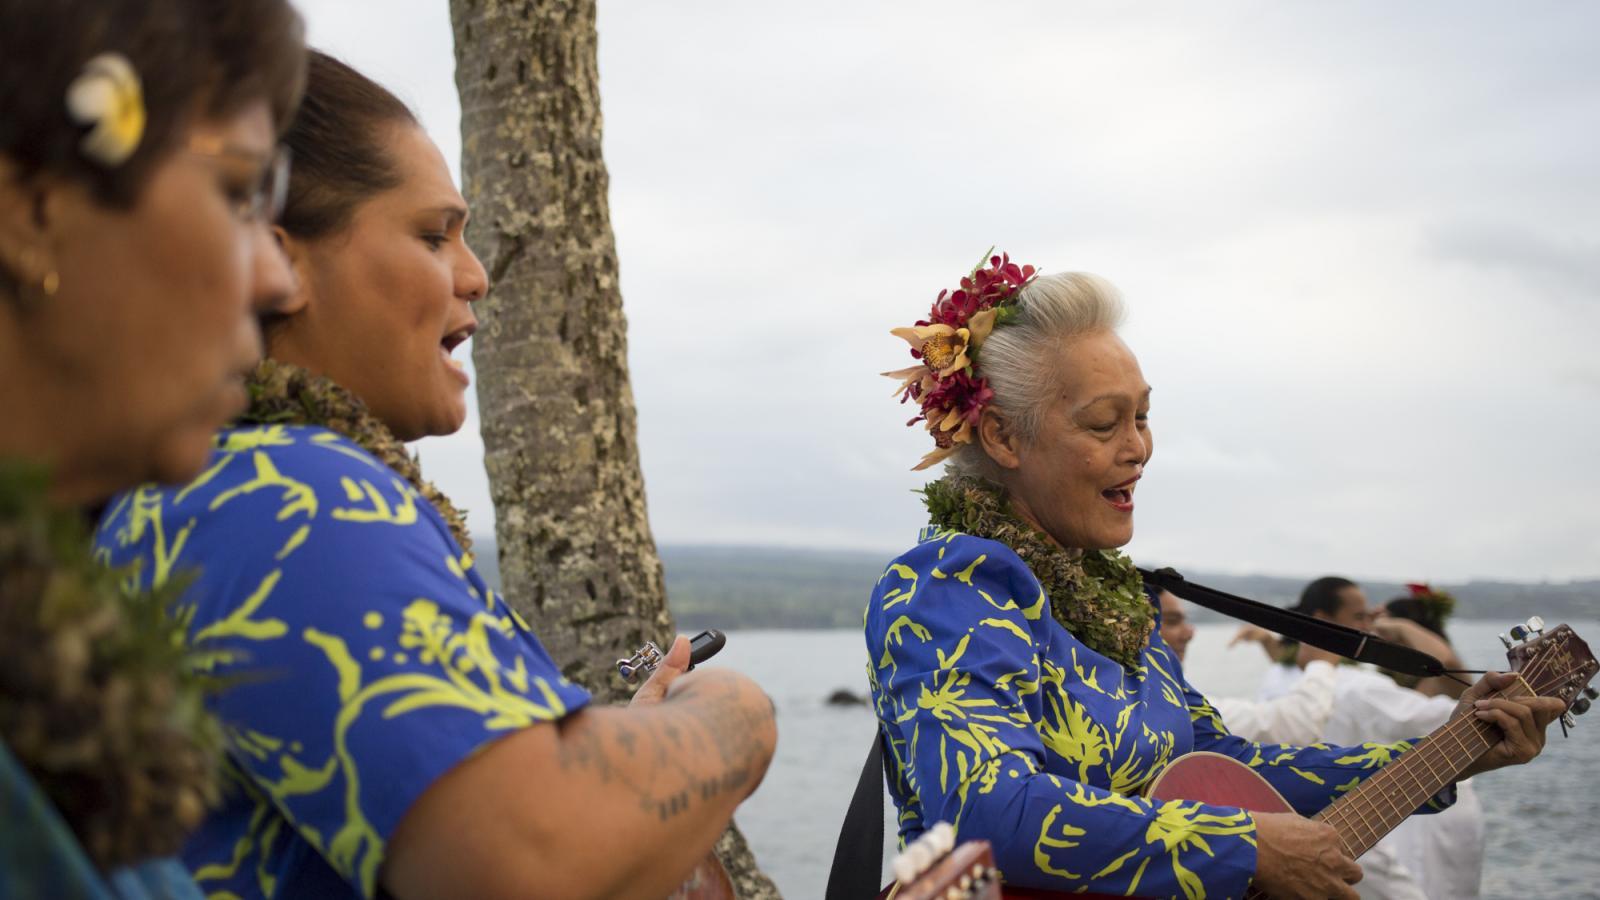 ハワイアンミュージックを楽しめる場所